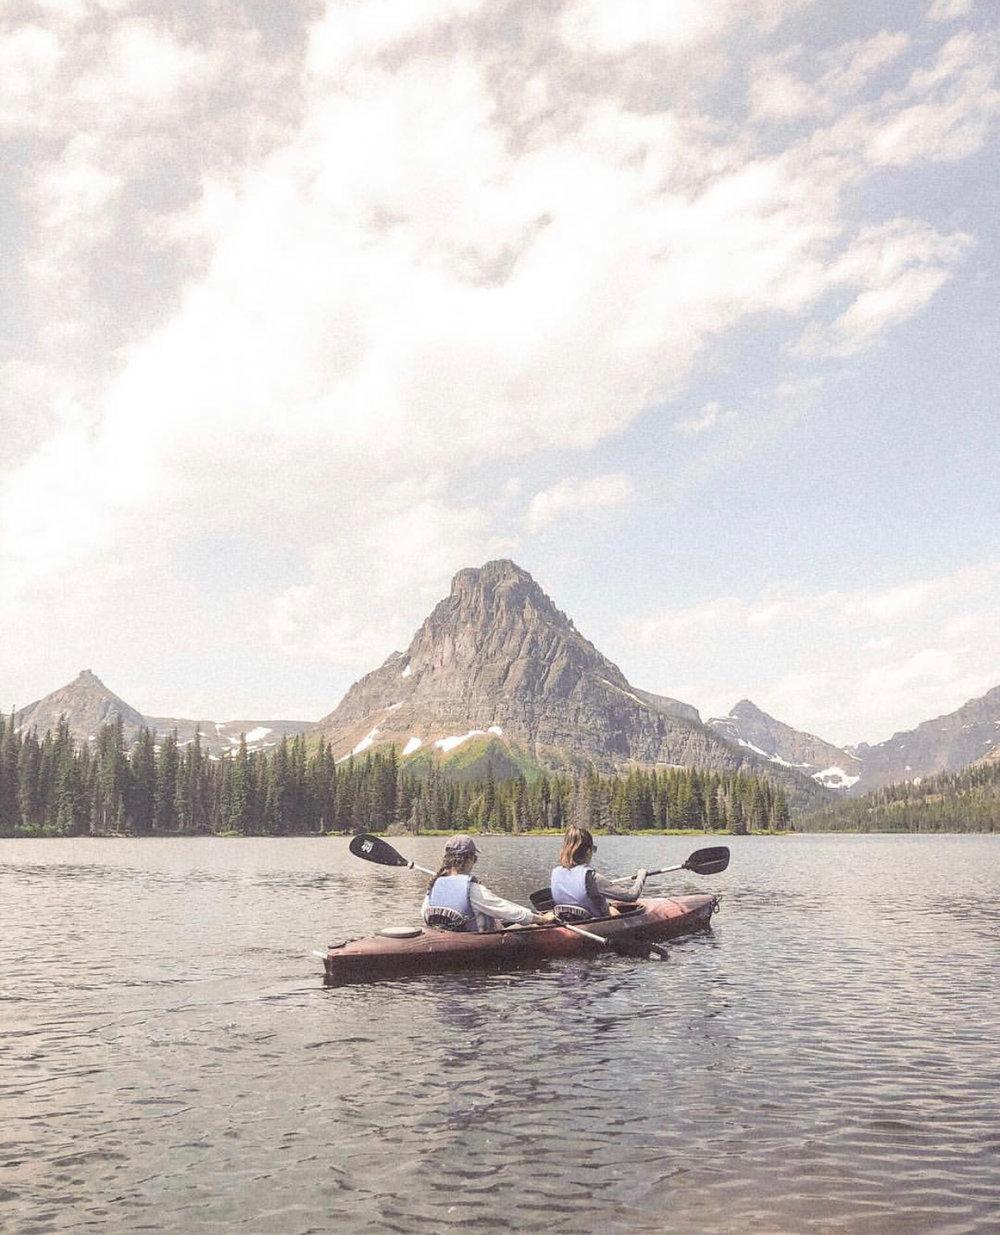 Kayaking in Montana - Image via Amanda Kaplan